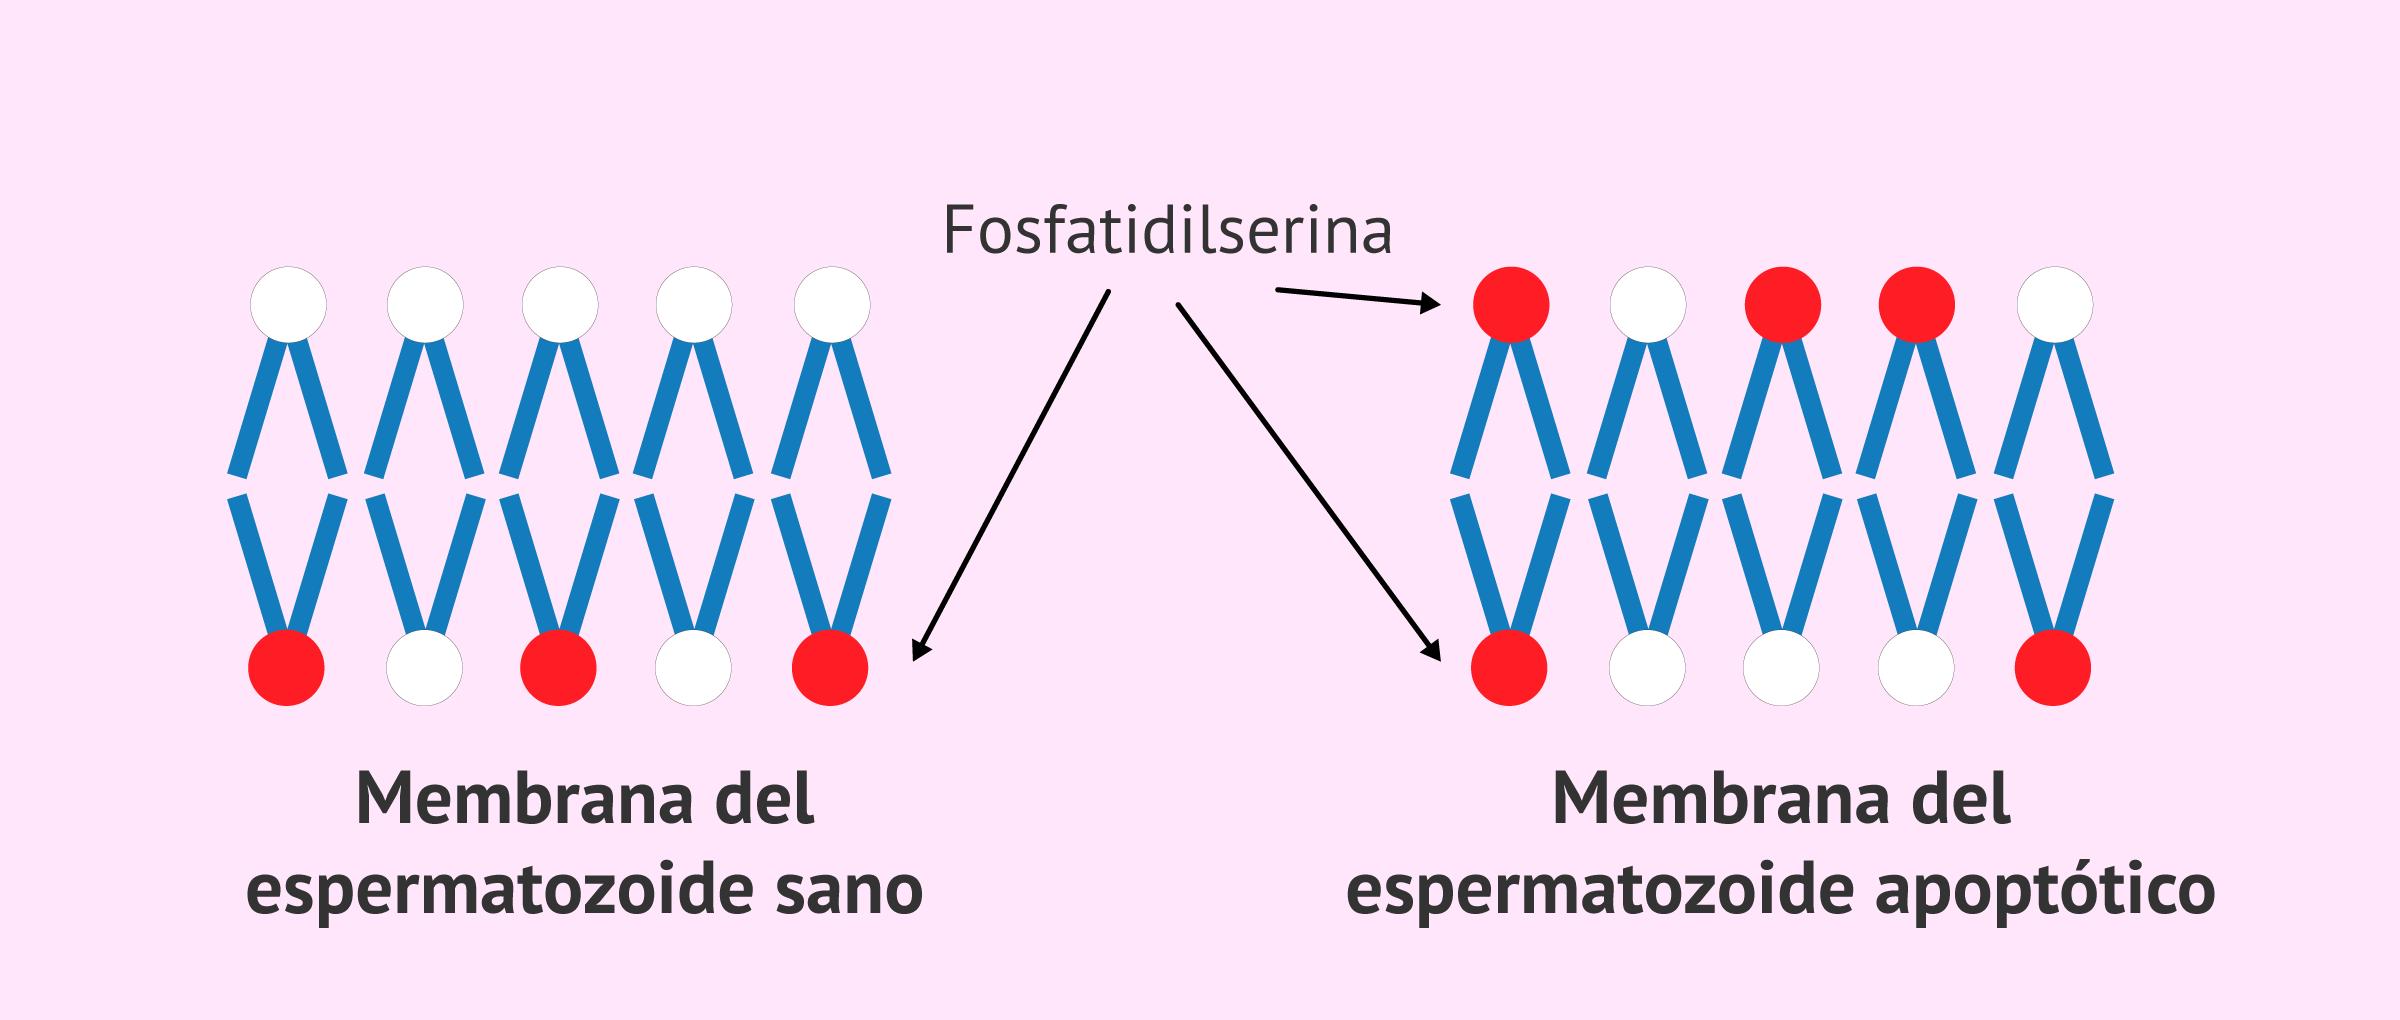 Membrana del espermatozoide apoptótico